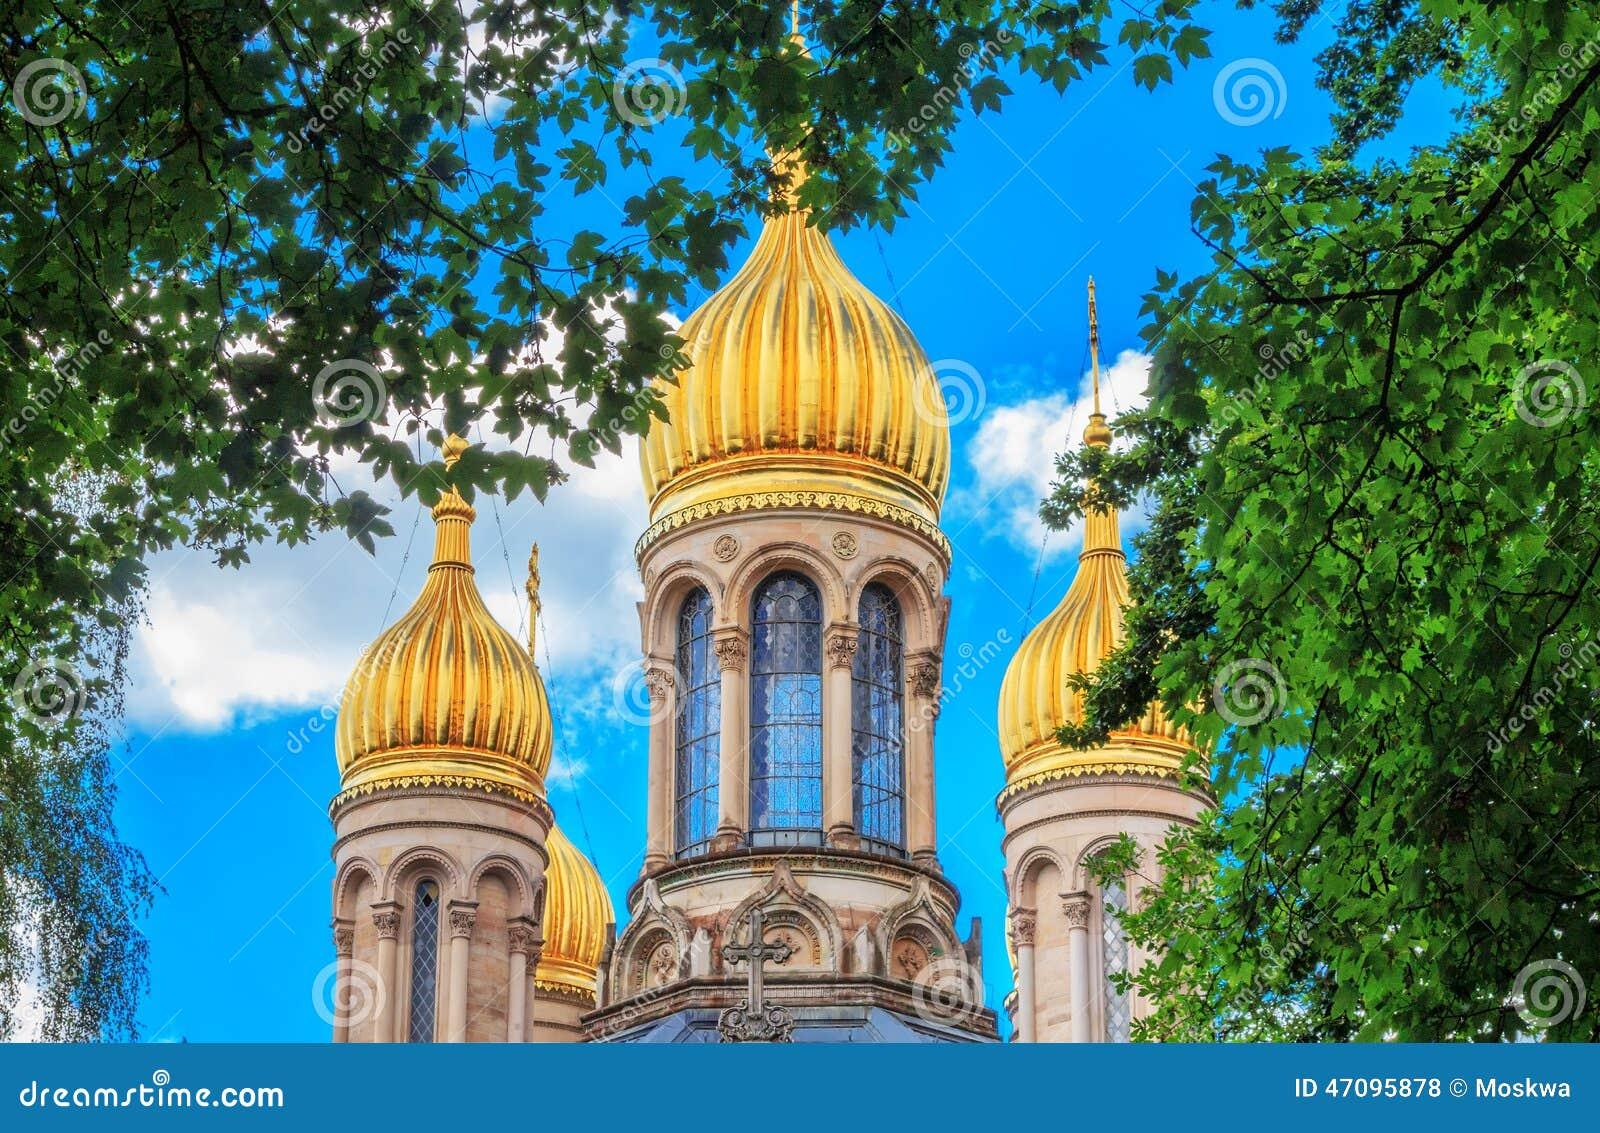 Russisch-Orthodoxe Kirche in Wiesbaden, Deutschland